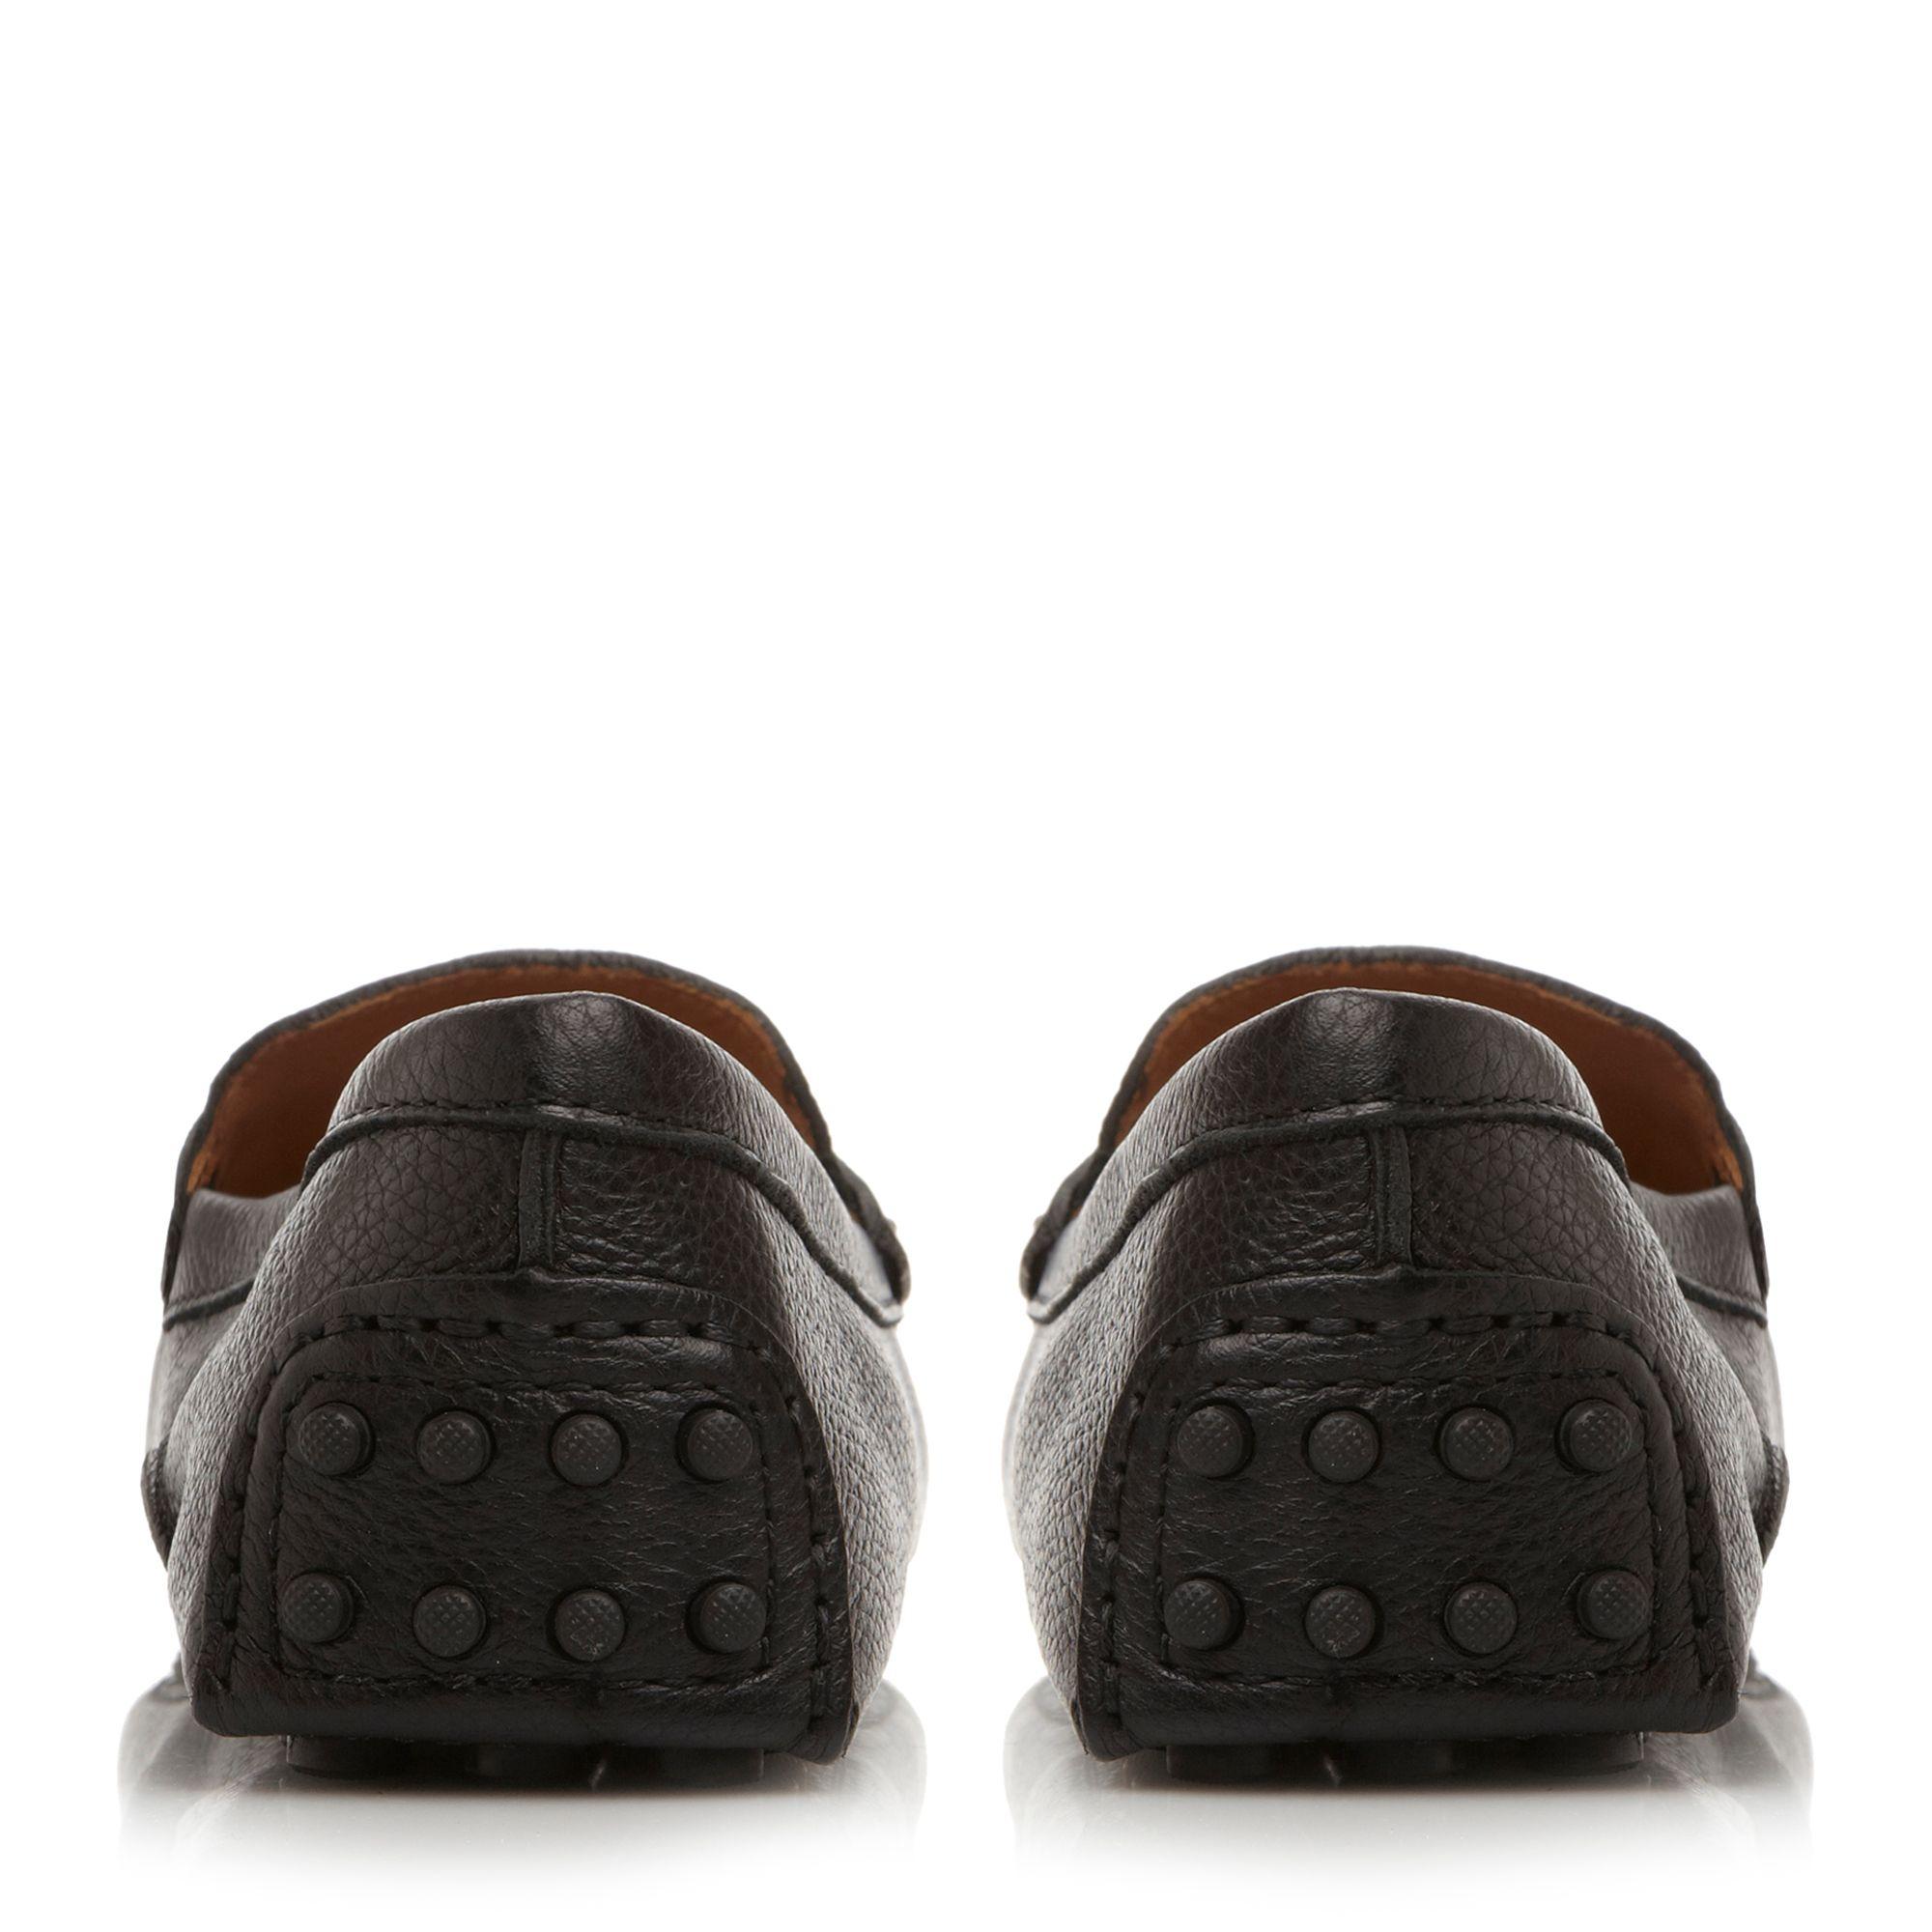 Pied A Terre Shoes Australia